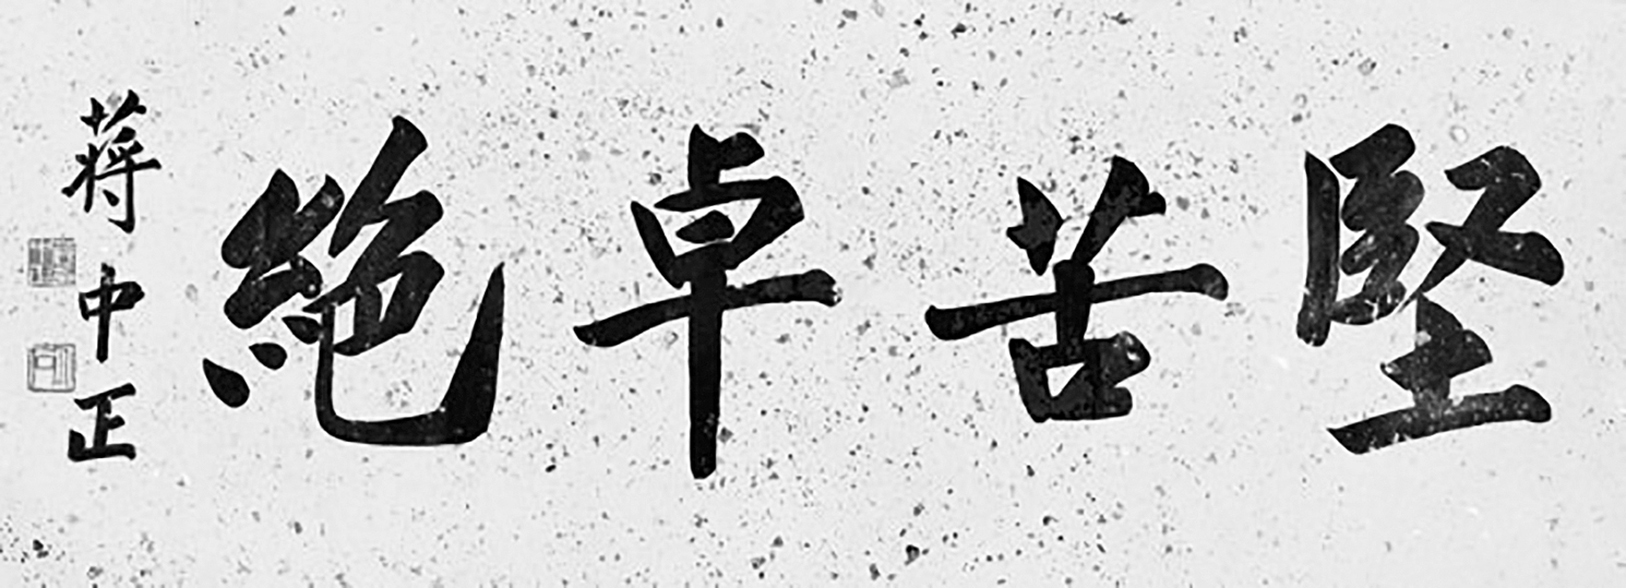 中華民國雙十節 日軍北平投降